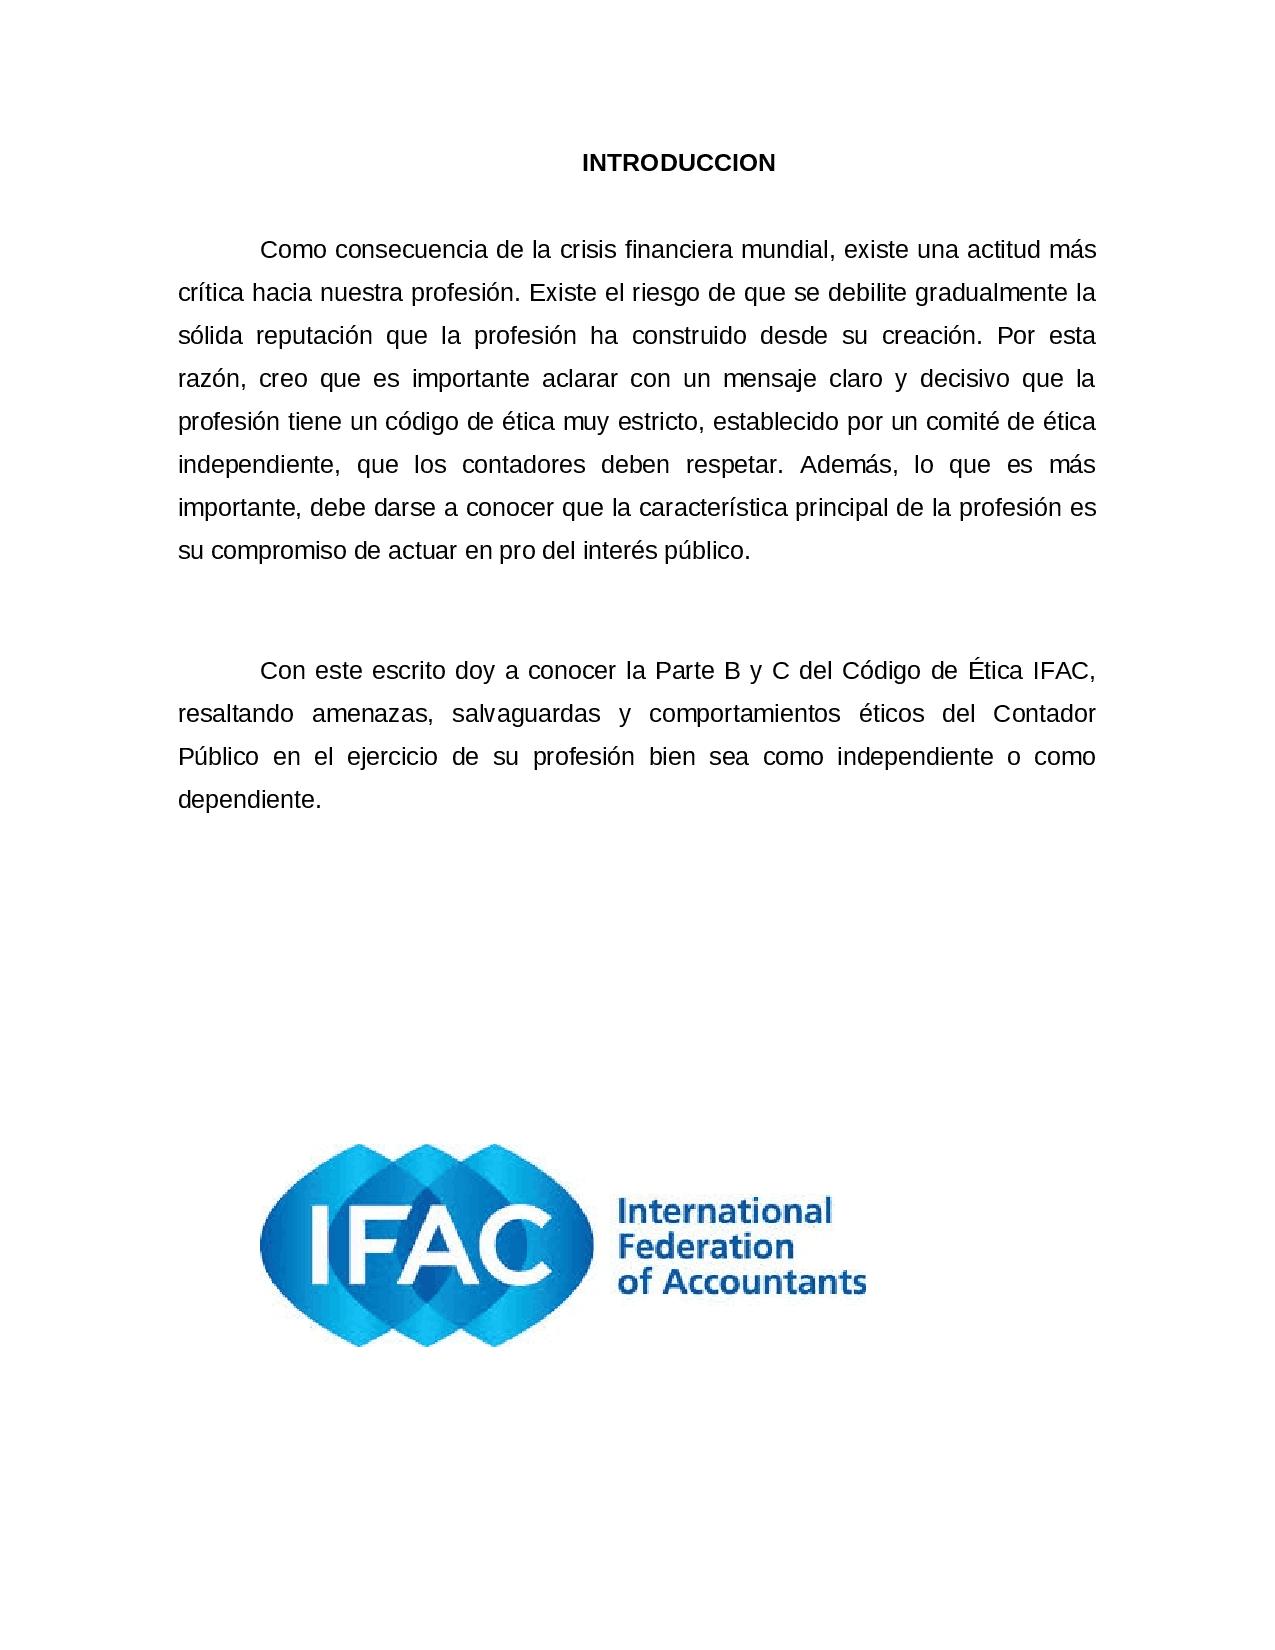 La IFAC apoya reglas de independencia más fuertes